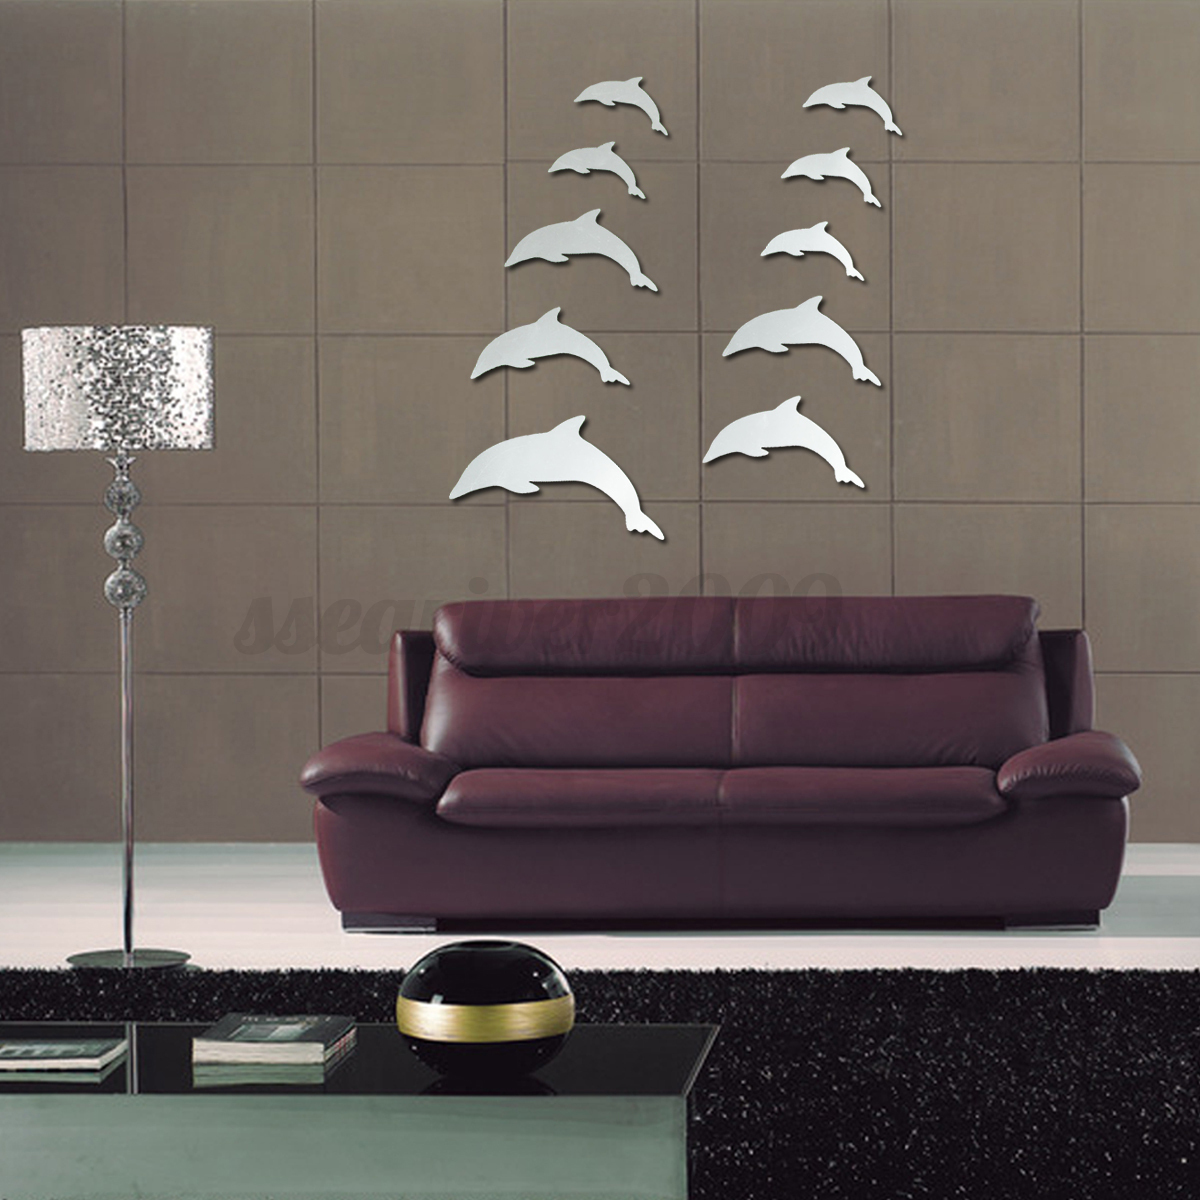 DIY 3D Silver Mirror Surface Wall Sticker Mural Decal Art Living Room Home De